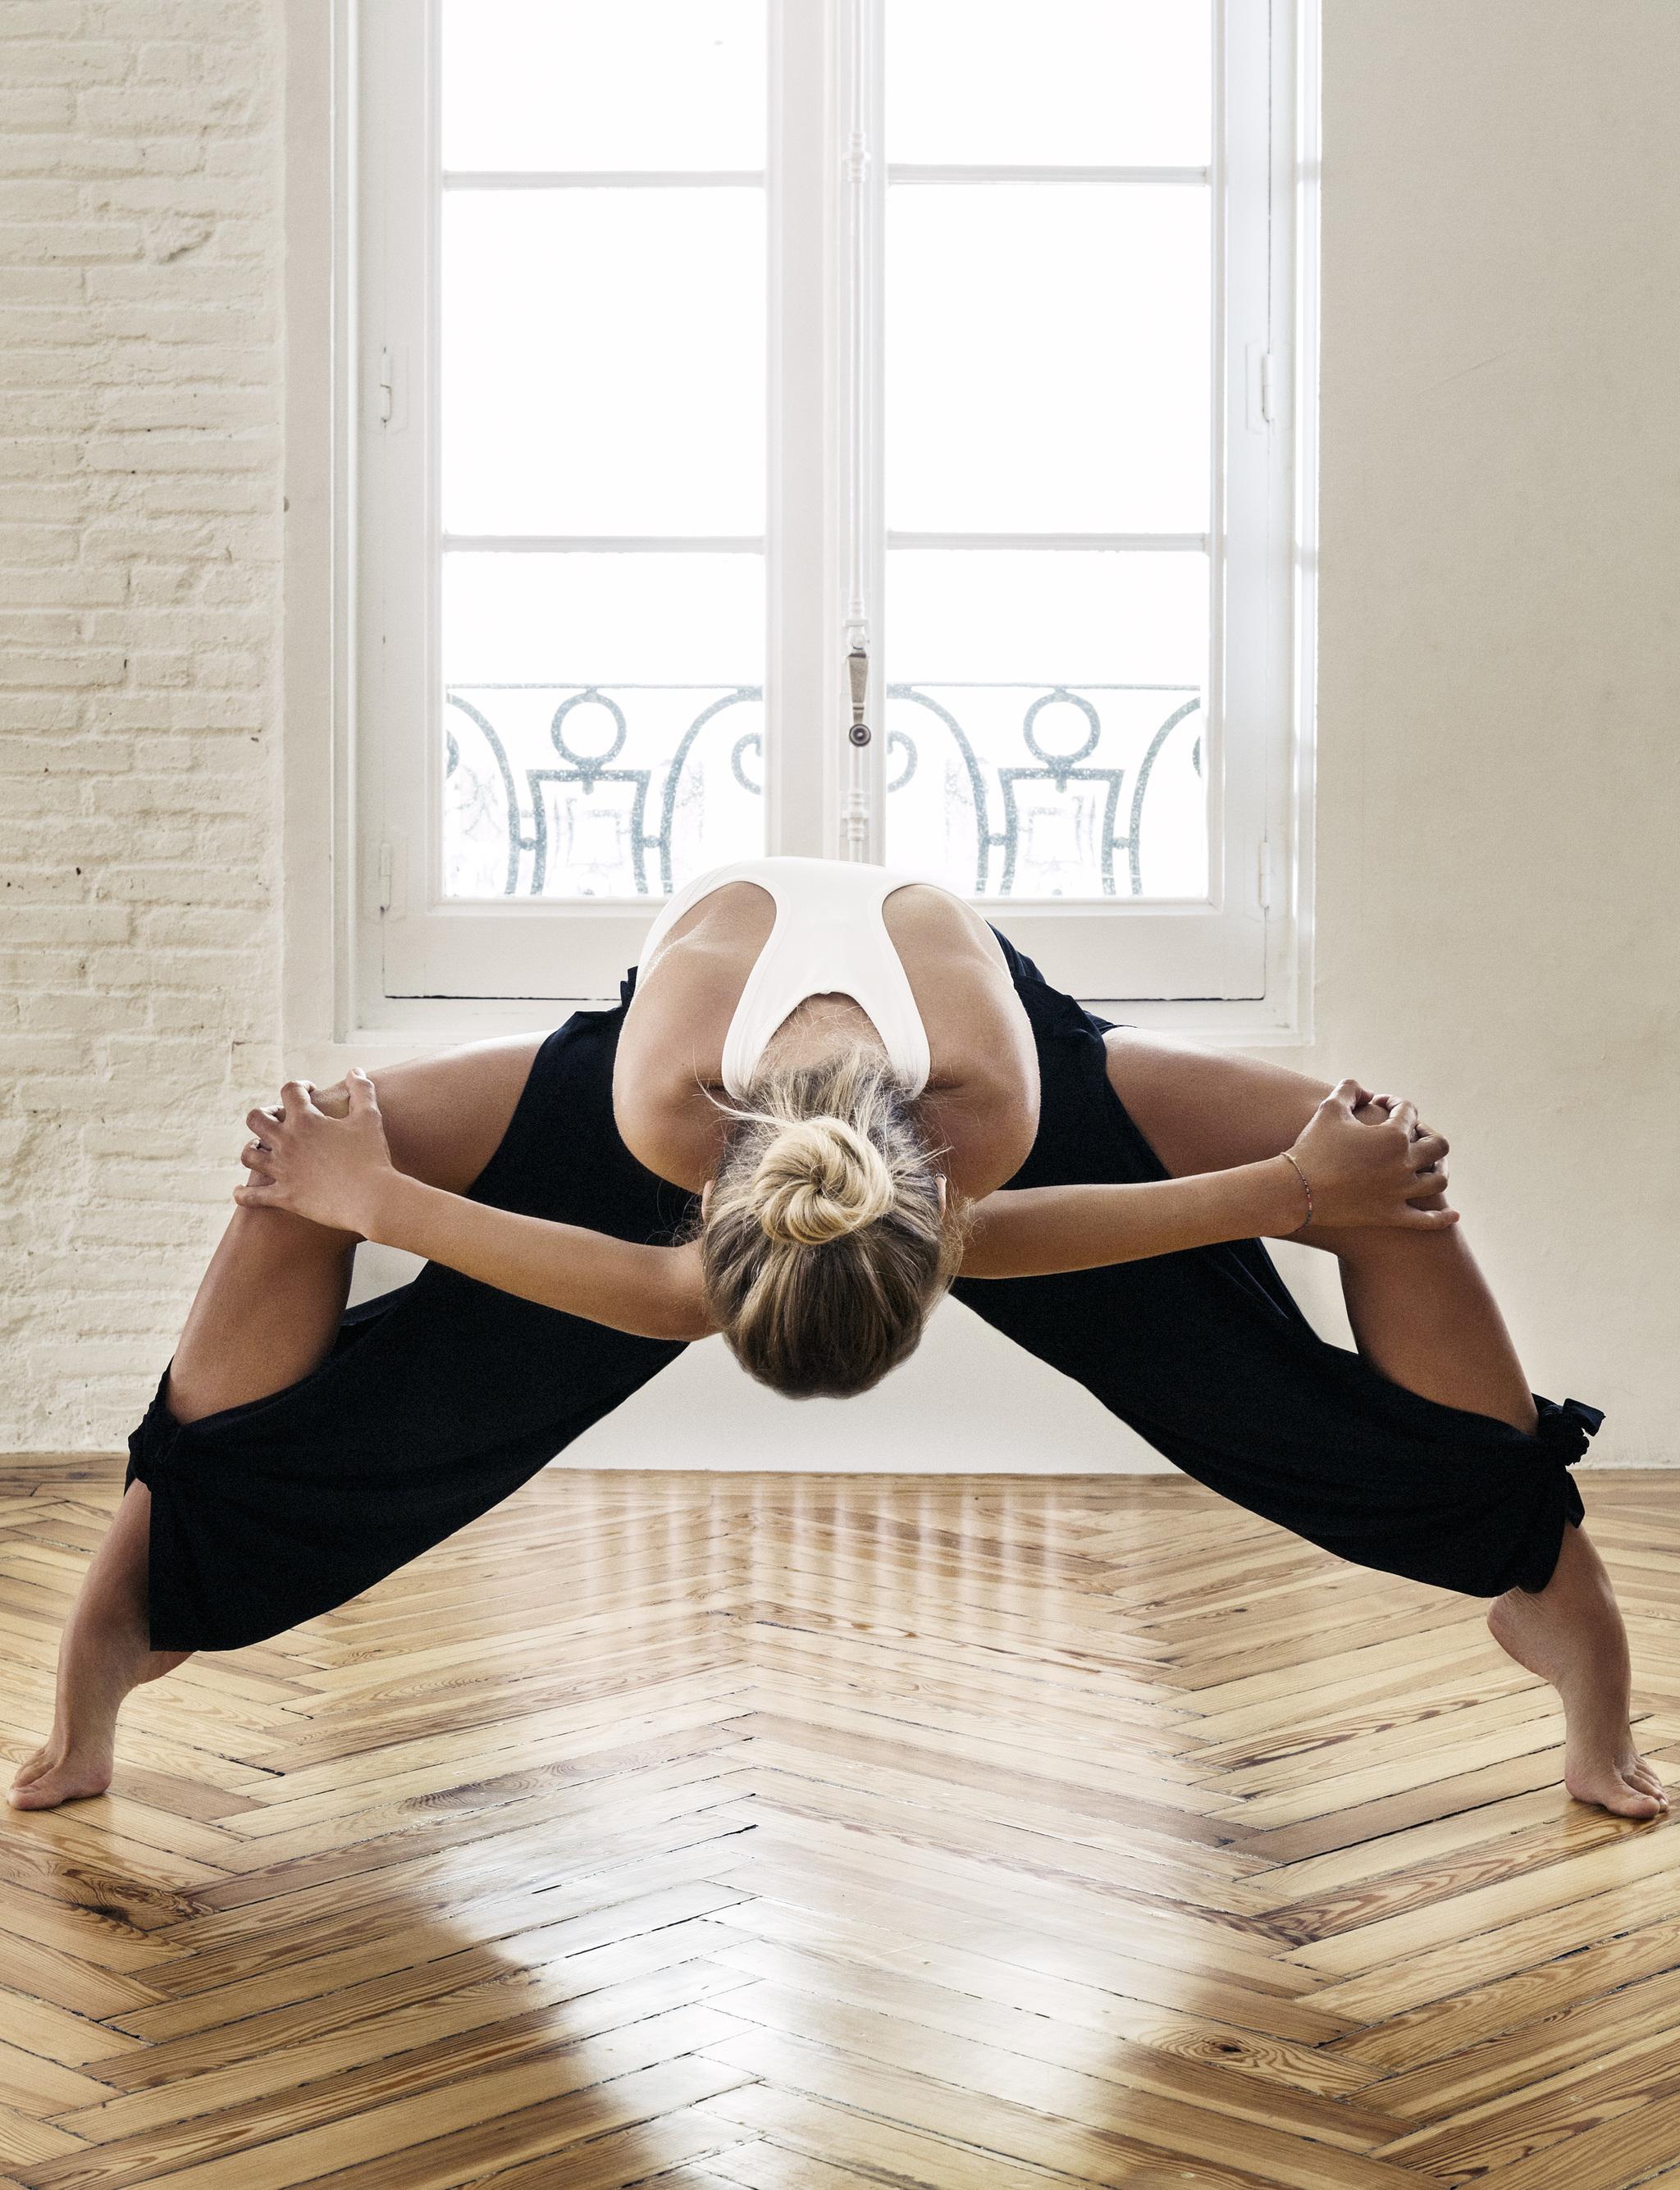 El yoga puede ayudarte a mantener tu espalda tonificada.